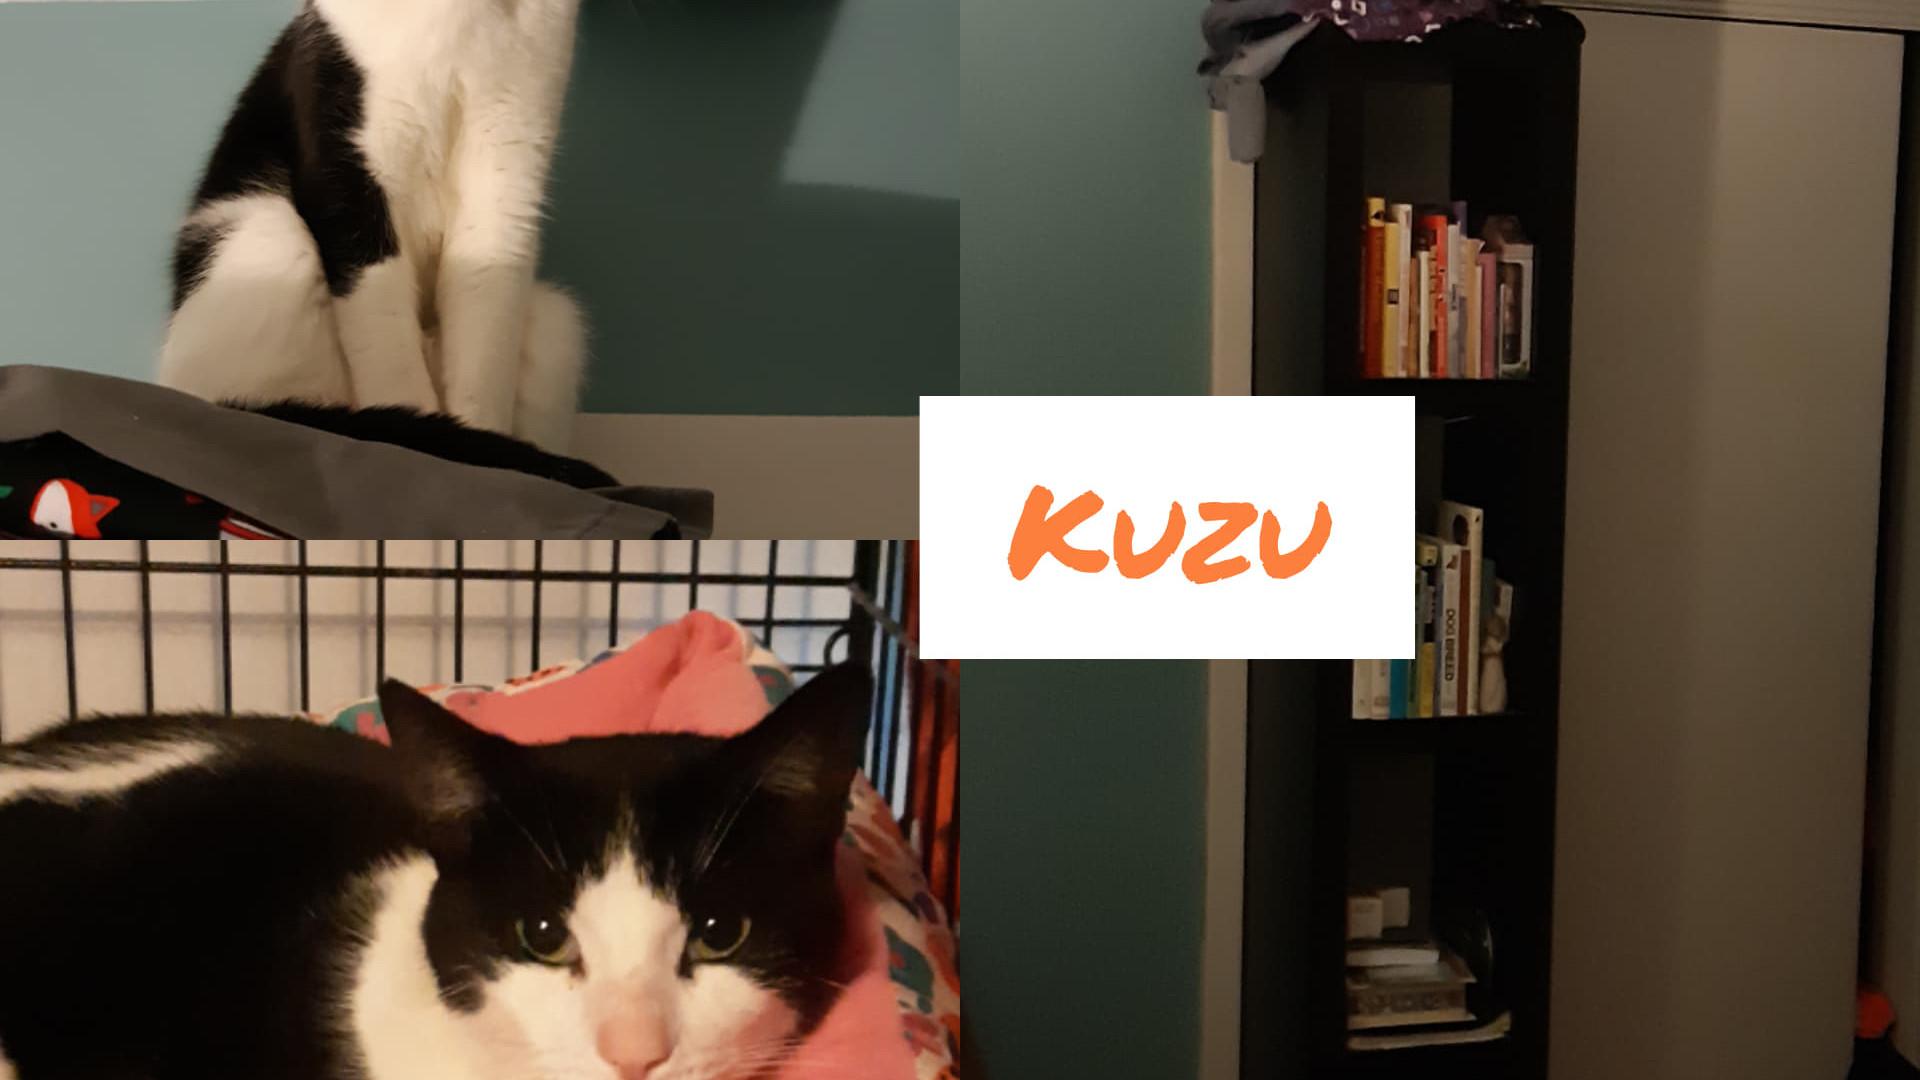 Kuzu.jpg